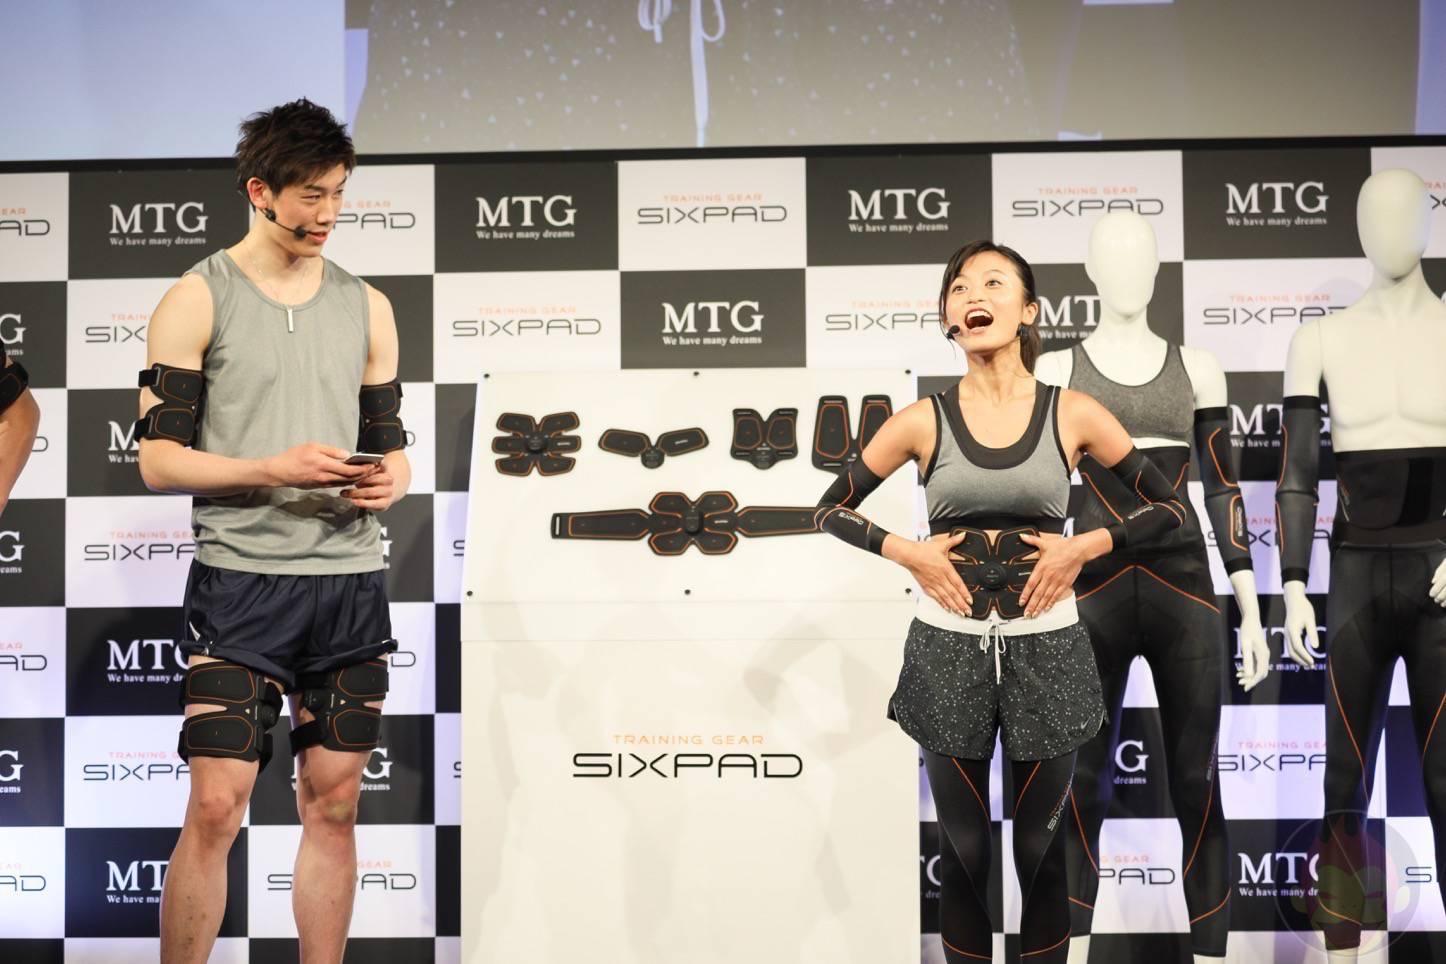 MTG-SIXPAD-New-Products-KojiRuri-Ishikawa-68.jpg